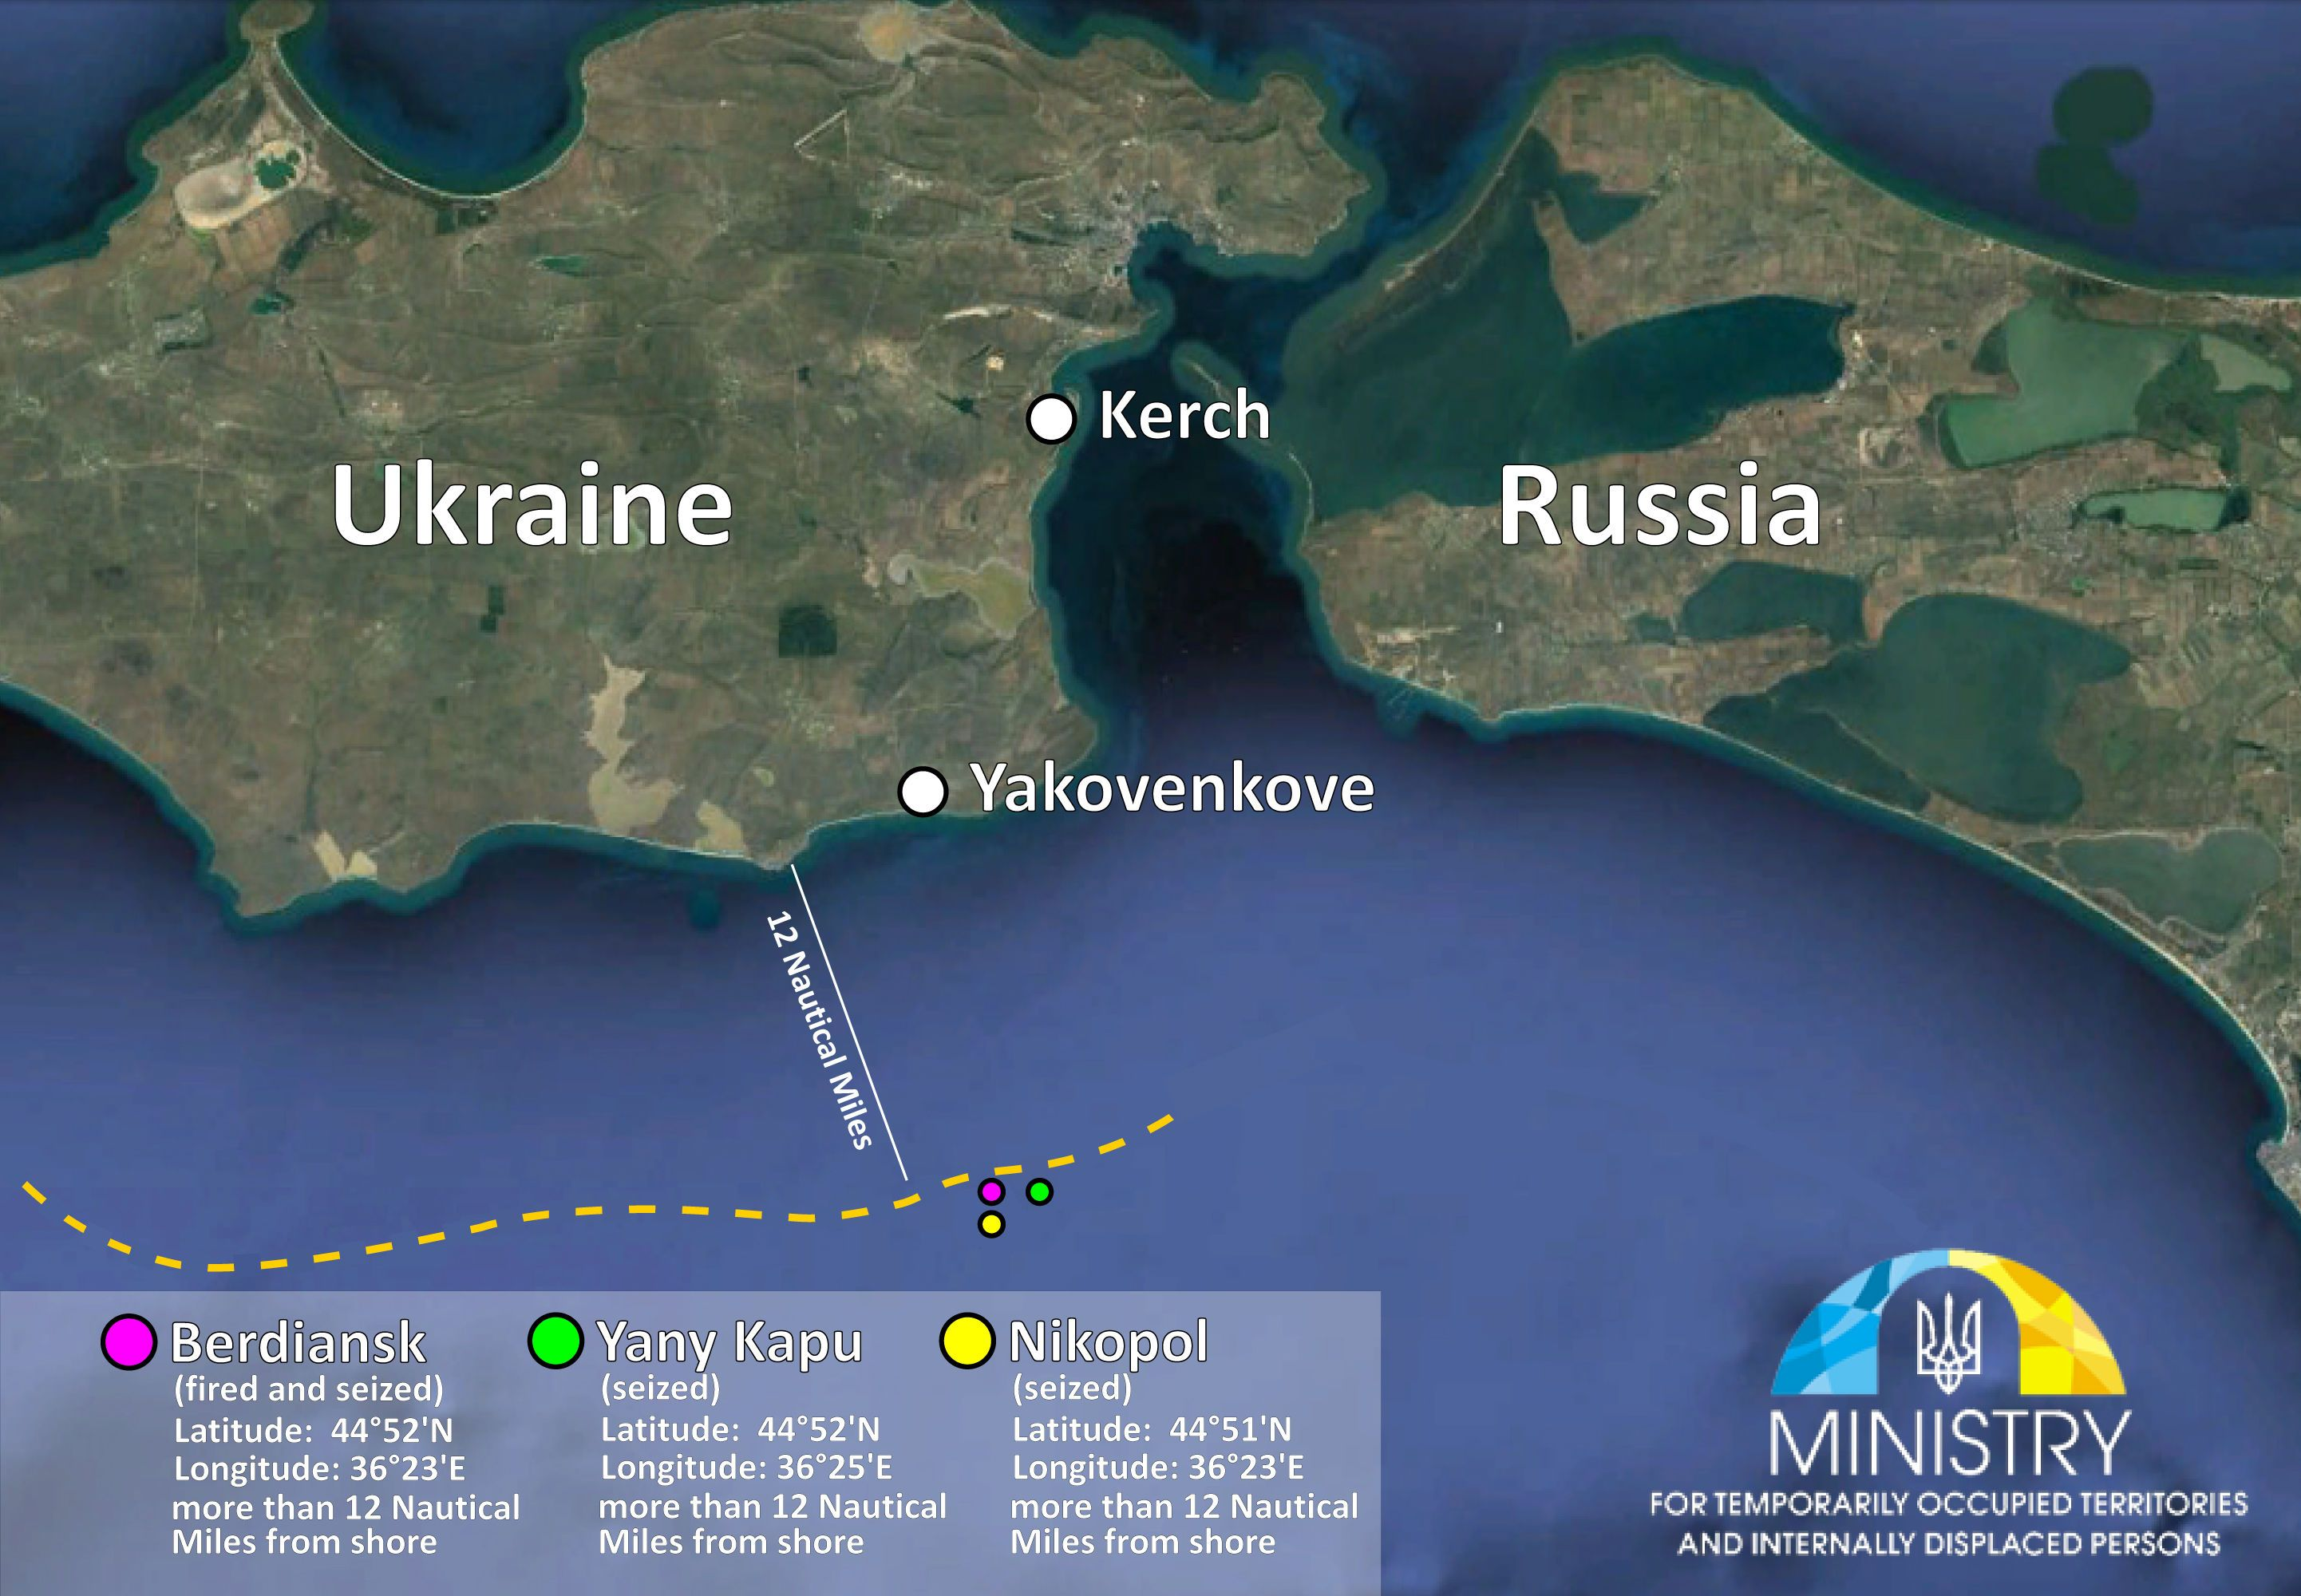 місцерозташування українських кораблів під час нападу